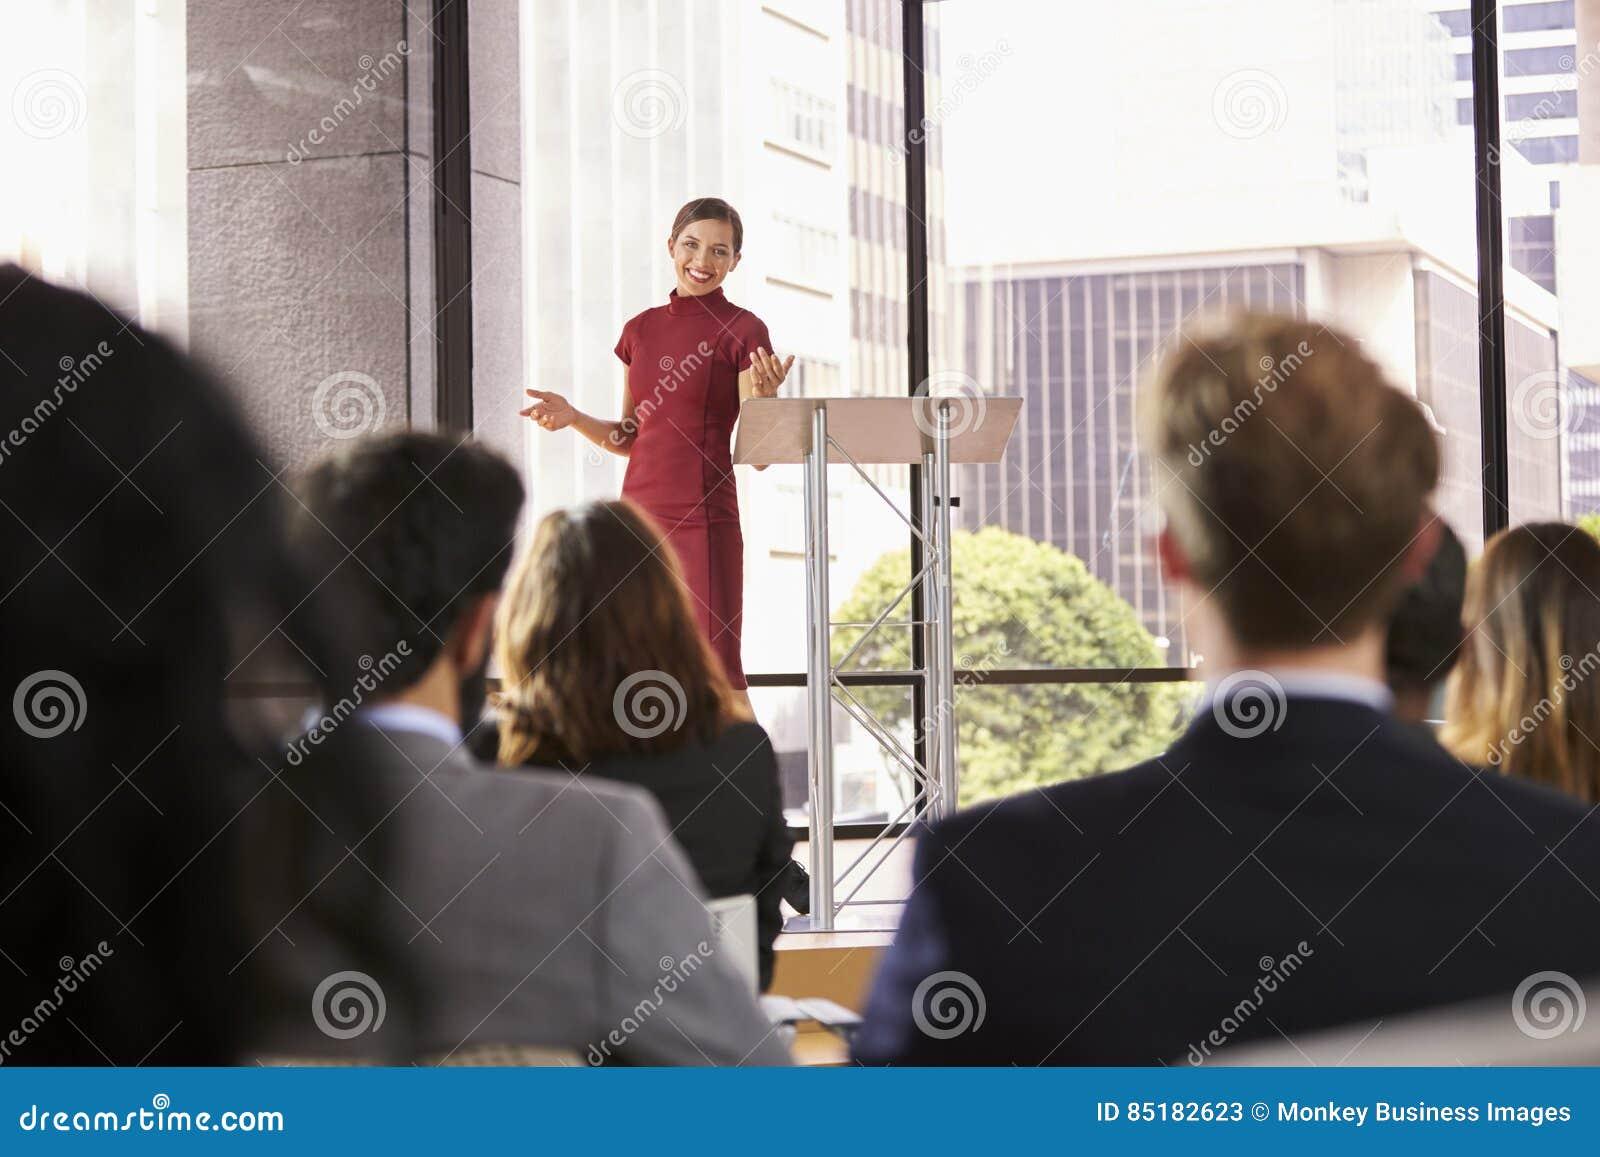 Die junge Frau, die Geschäftsseminar darstellt, gestikuliert zum Publikum